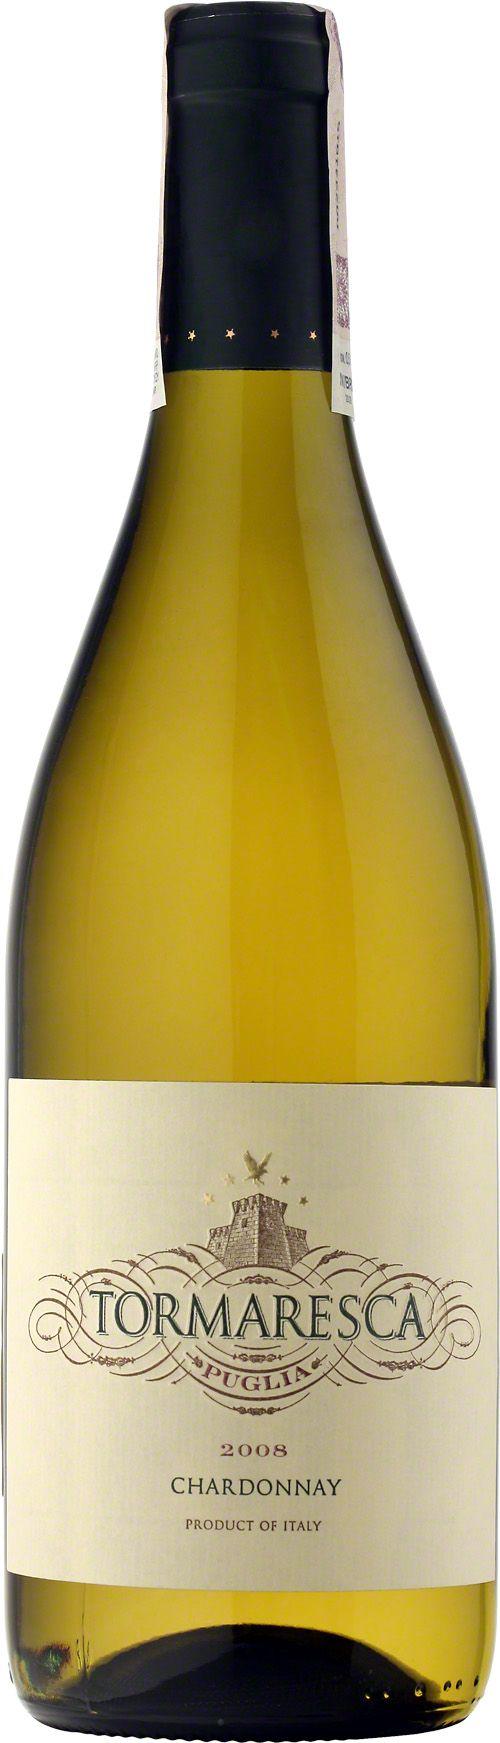 Tormaresca Chardonnay Puglia I.G.T.  Fermentacja tego wina przebiegała w beczkach dębowych z Allier i Troncais, dzięki czemu jego bukiet jest intensywny, pełen akcentów brzoskwiń, dojrzałych jabłek i wanilii. W ustach świeże, wyraziste. #Tormaresca #Chardonnay #Puglia #Wino #Wlochy #Winezja